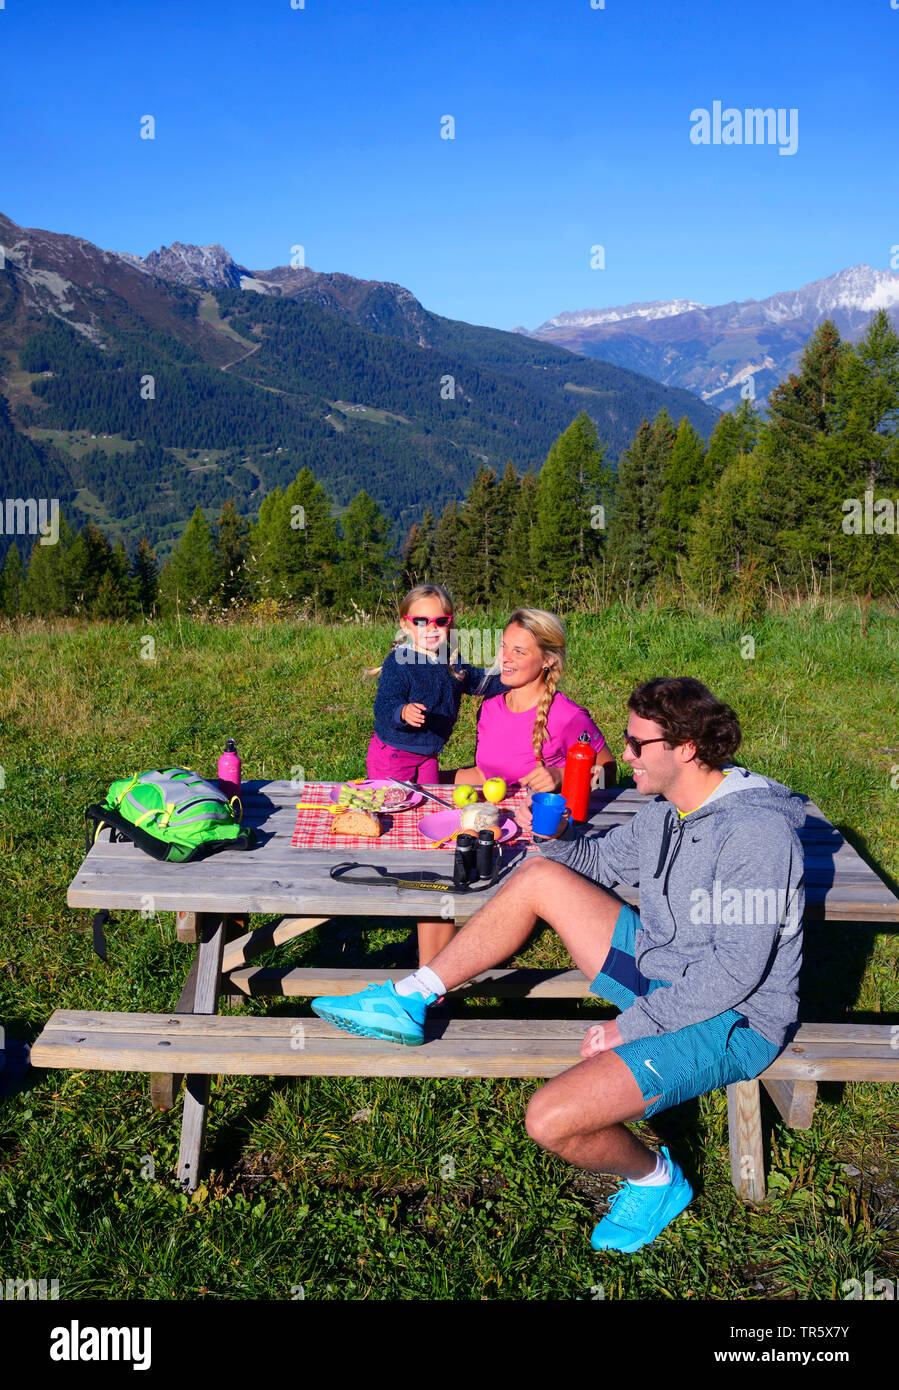 Familie mit kleinem Kind beim Bergwandern bei Sainte Foy, Machen Pause an einem Picknickplatz, Frankreich, Savoy, Tarentaise, Sainte Foy   Family in m - Stock Image